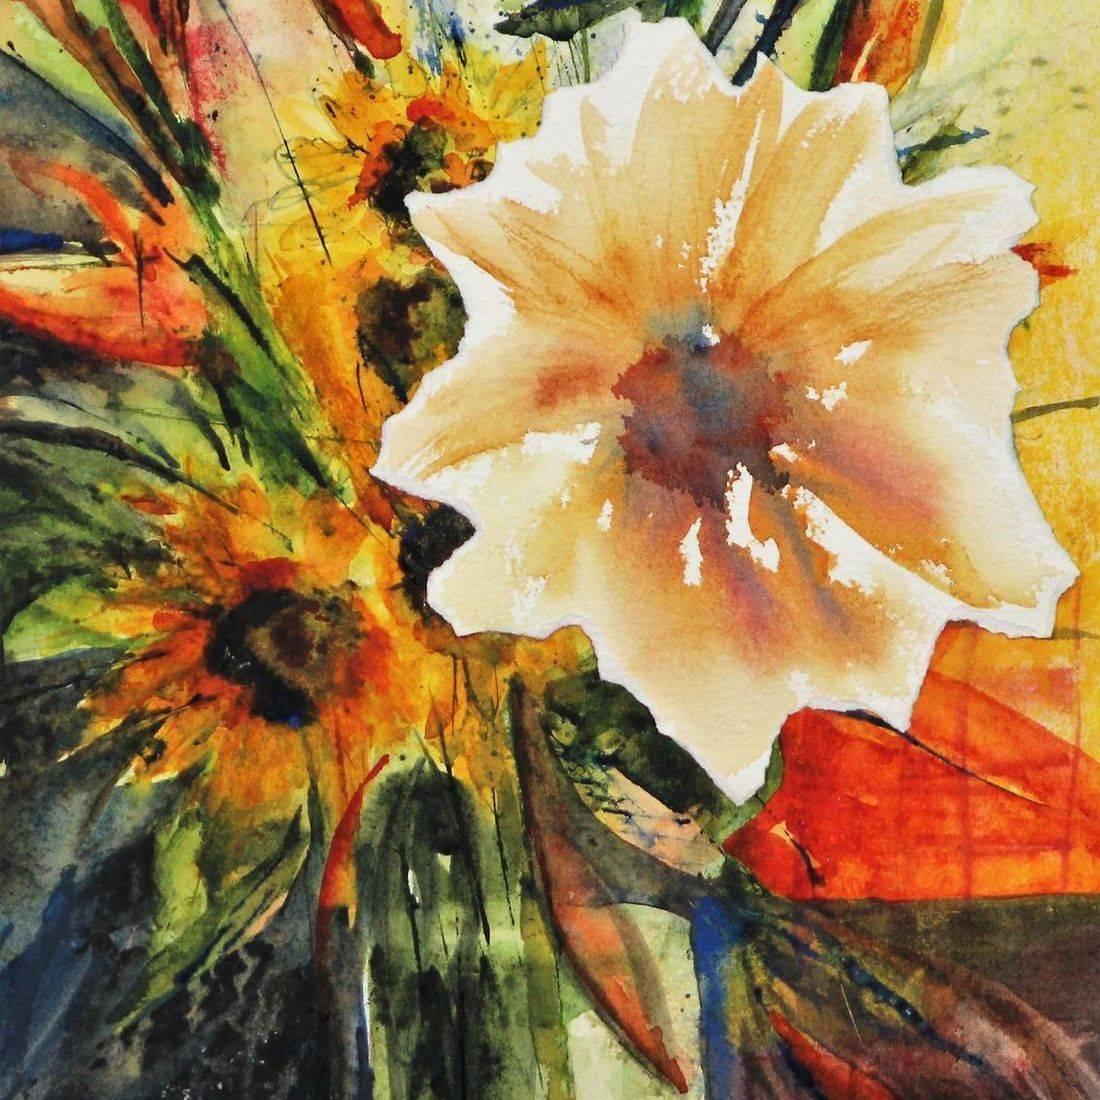 RPutbrese Watercolor, Rebecca Krutsinger, Becky Krutsinger watercolor painting